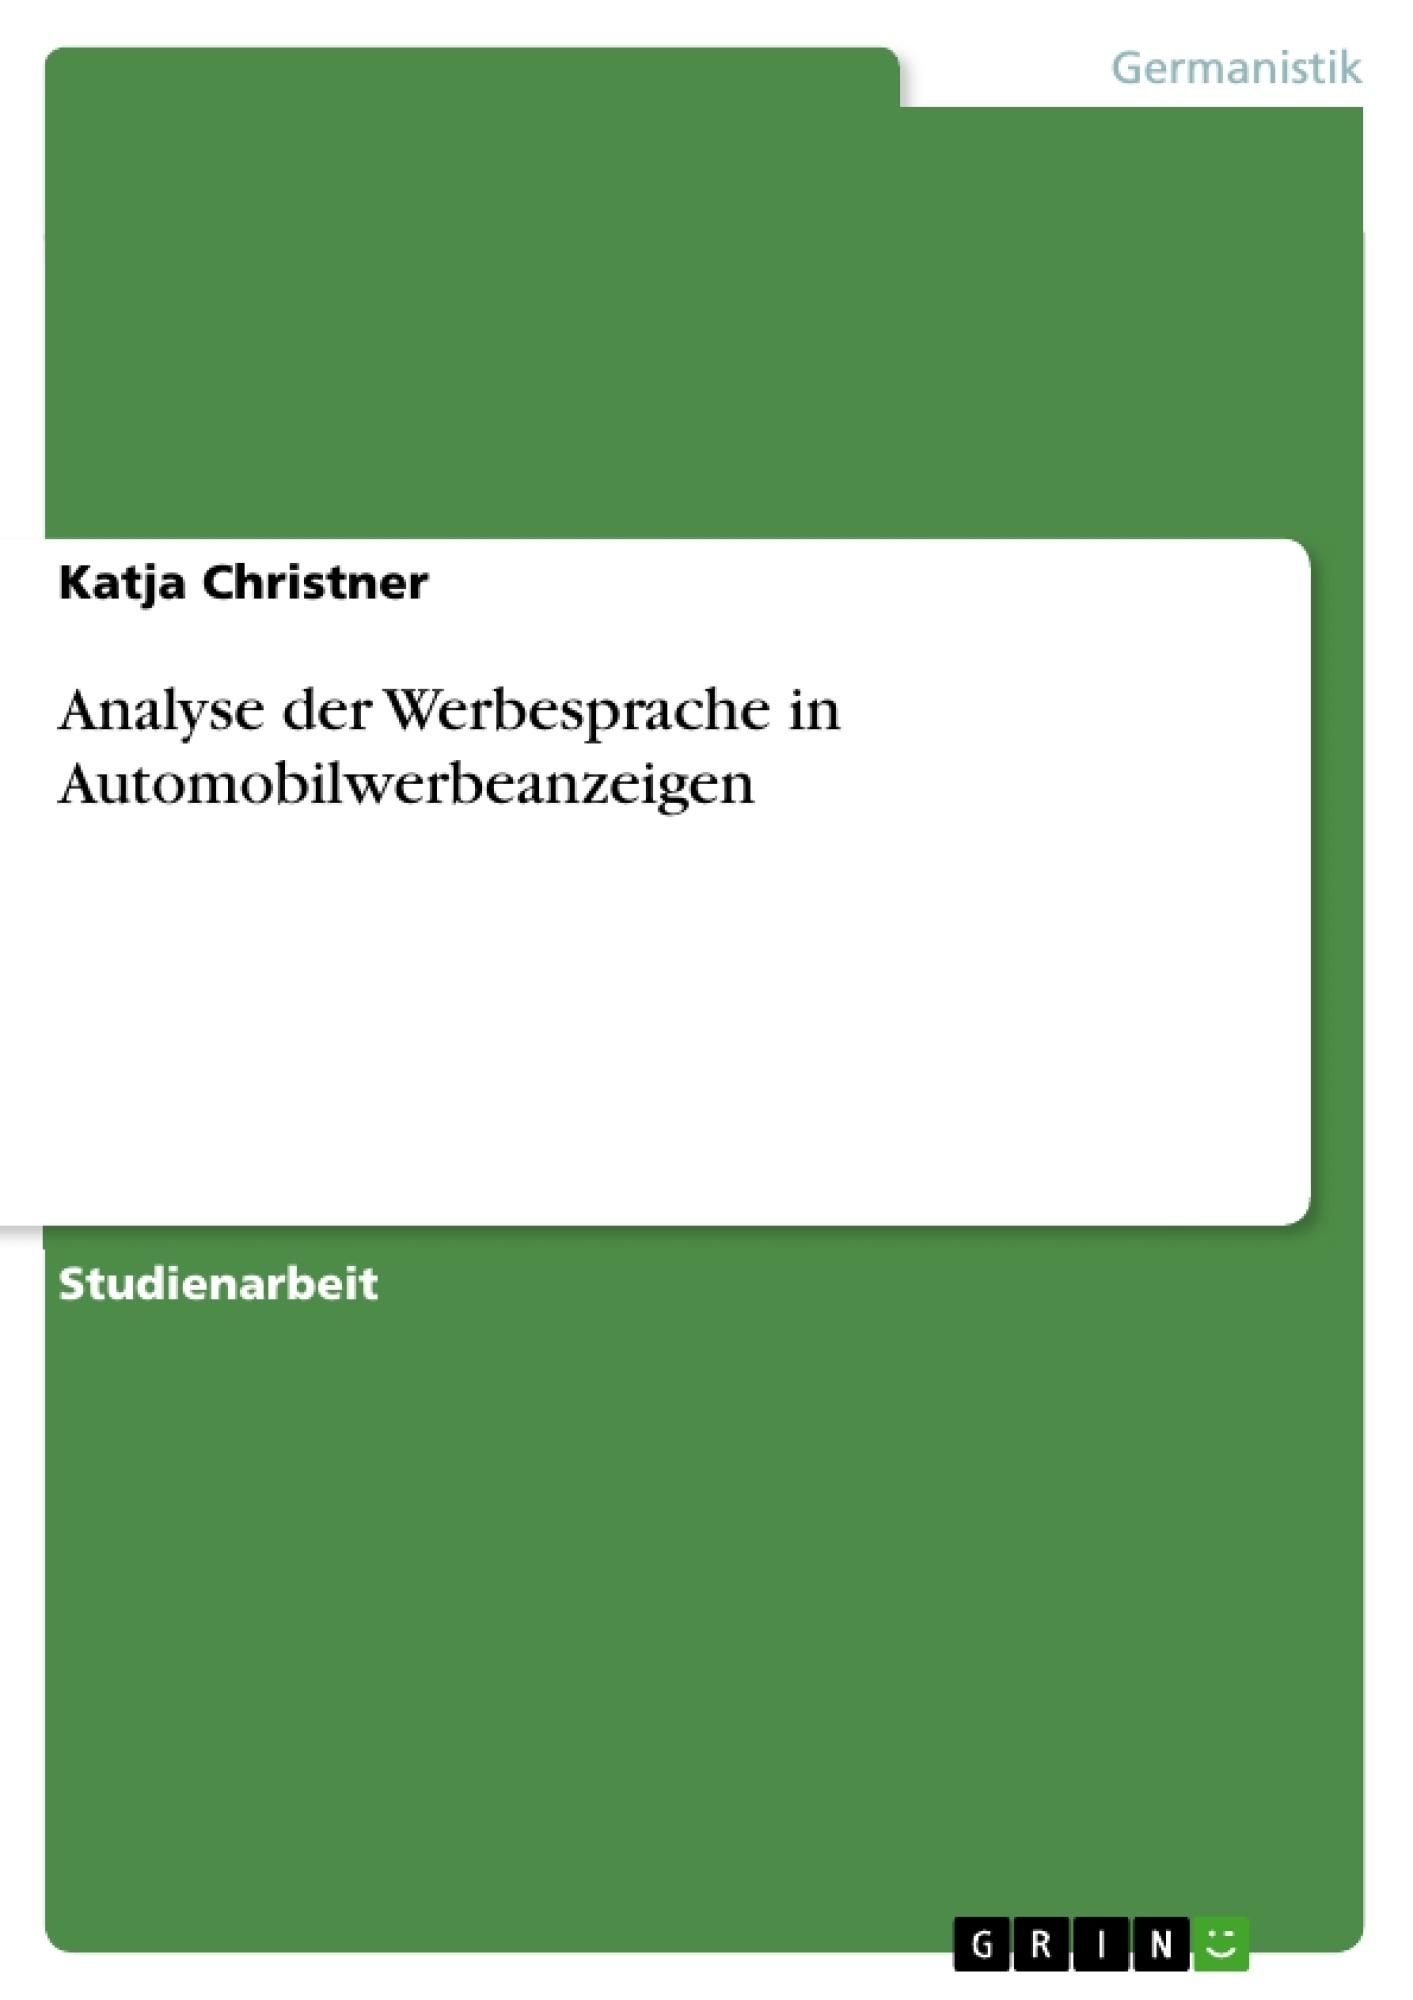 Titel: Analyse der Werbesprache in Automobilwerbeanzeigen